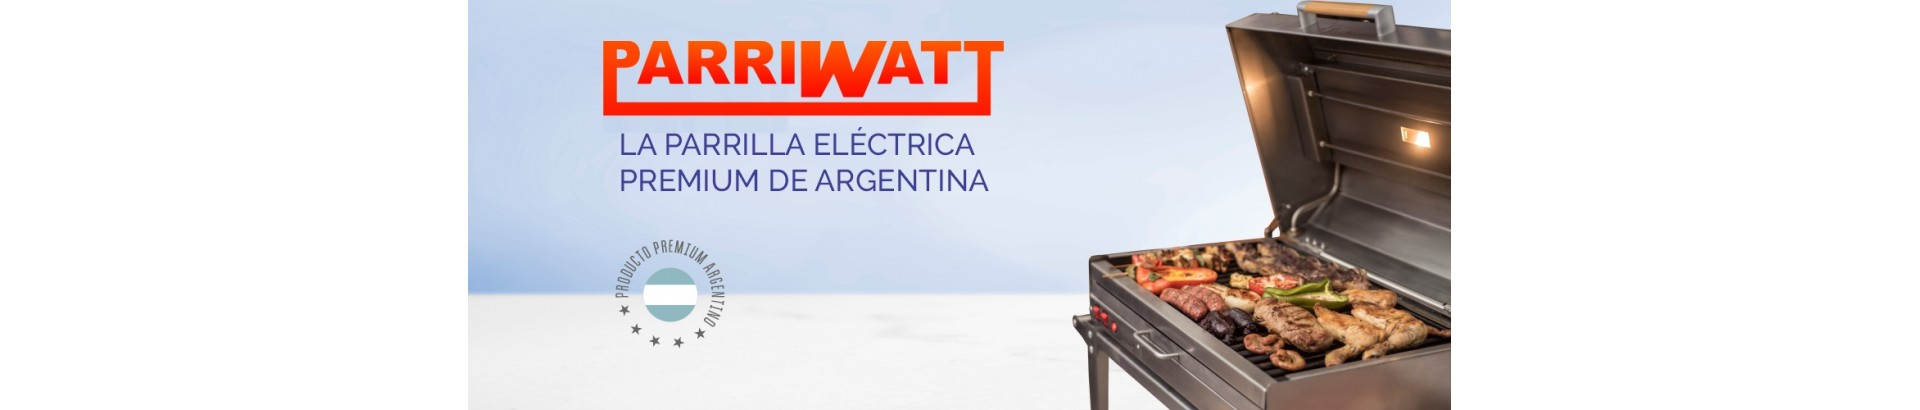 ParriWatt